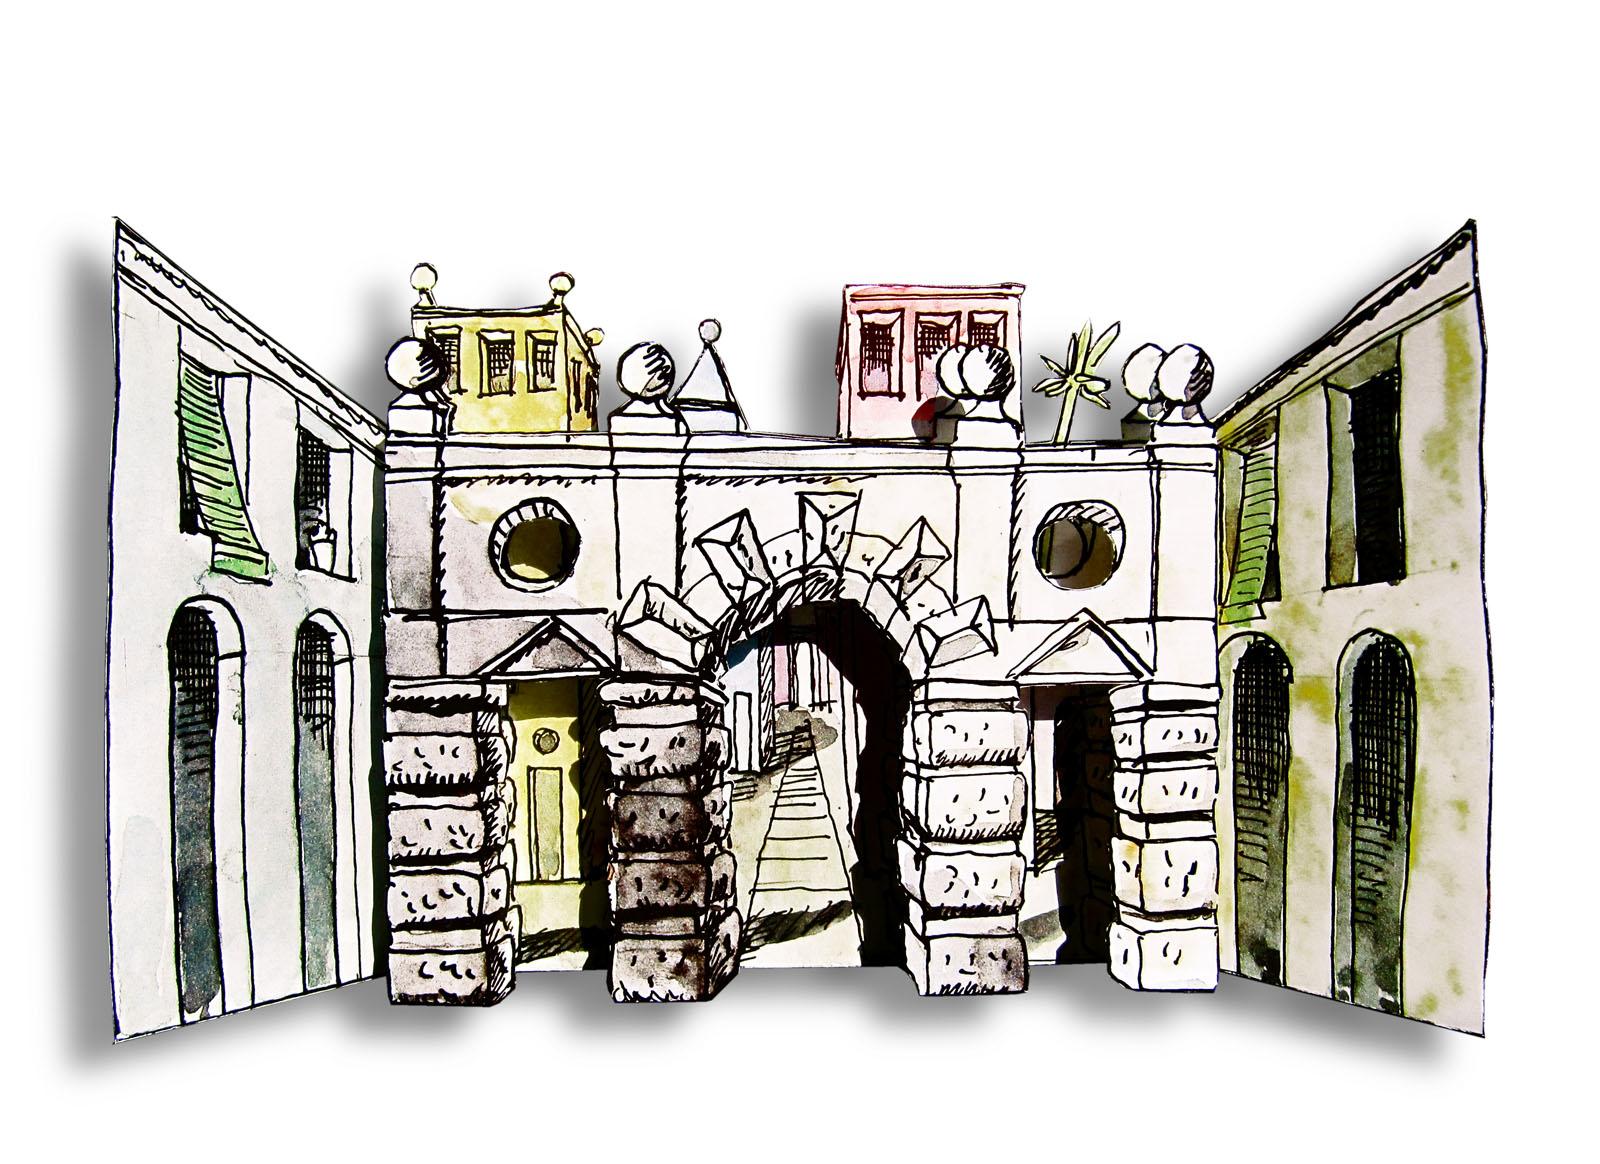 danielvillalobos-toytheater-prezvillalta-almagro-corraldecomedias-3